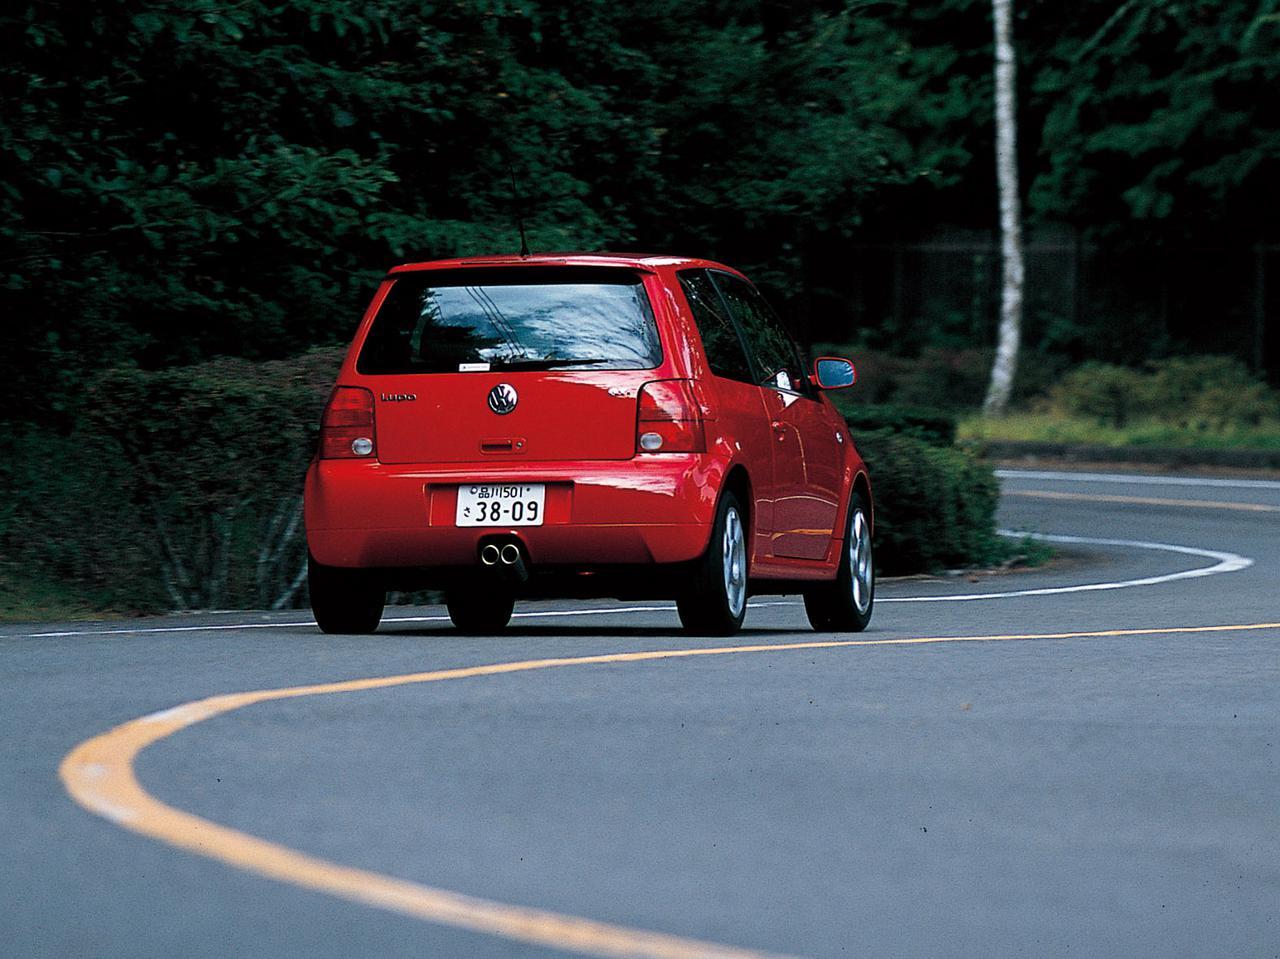 【ヒットの法則110】ルポGTIは純粋にクルマに夢を託していた時代の特別なスモールカー